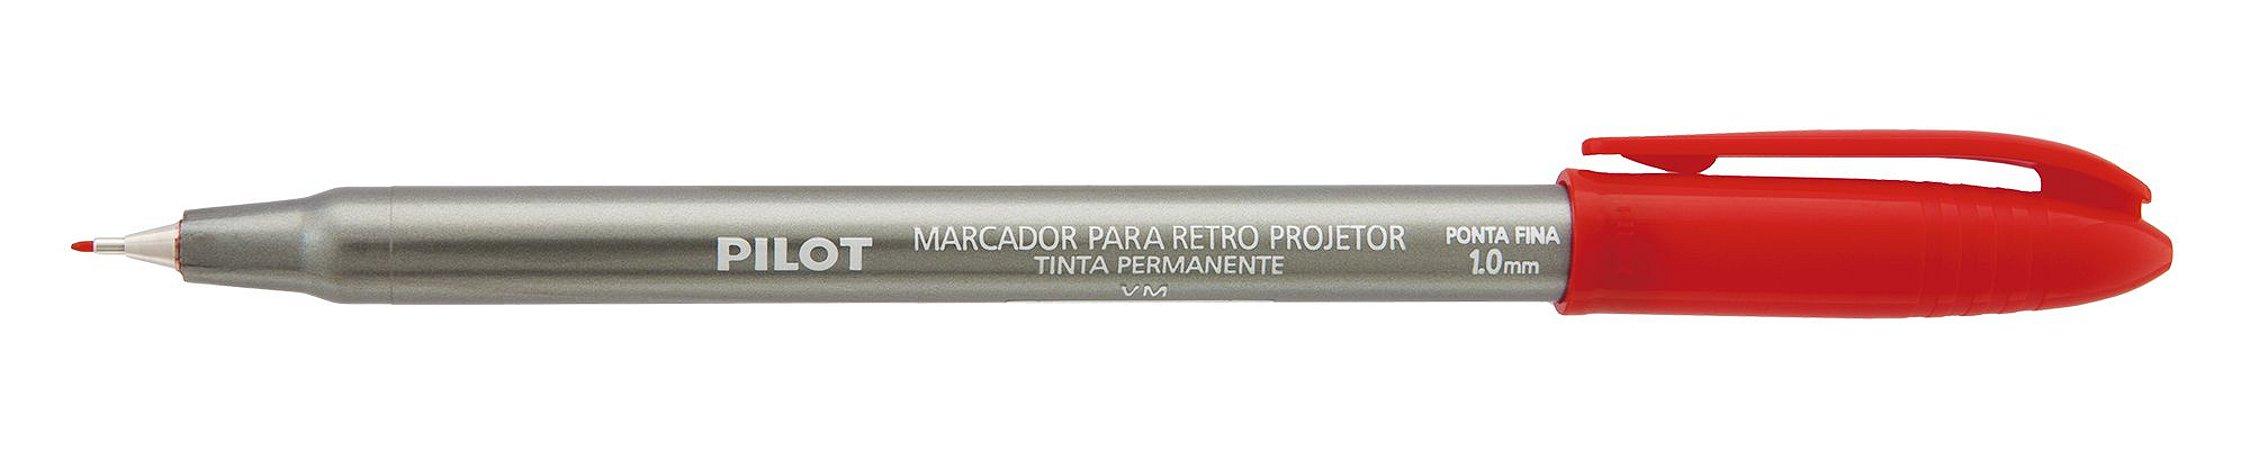 MARCADOR PARA RETRO PROJETOR 1.0MM VERMELHO - PILOT